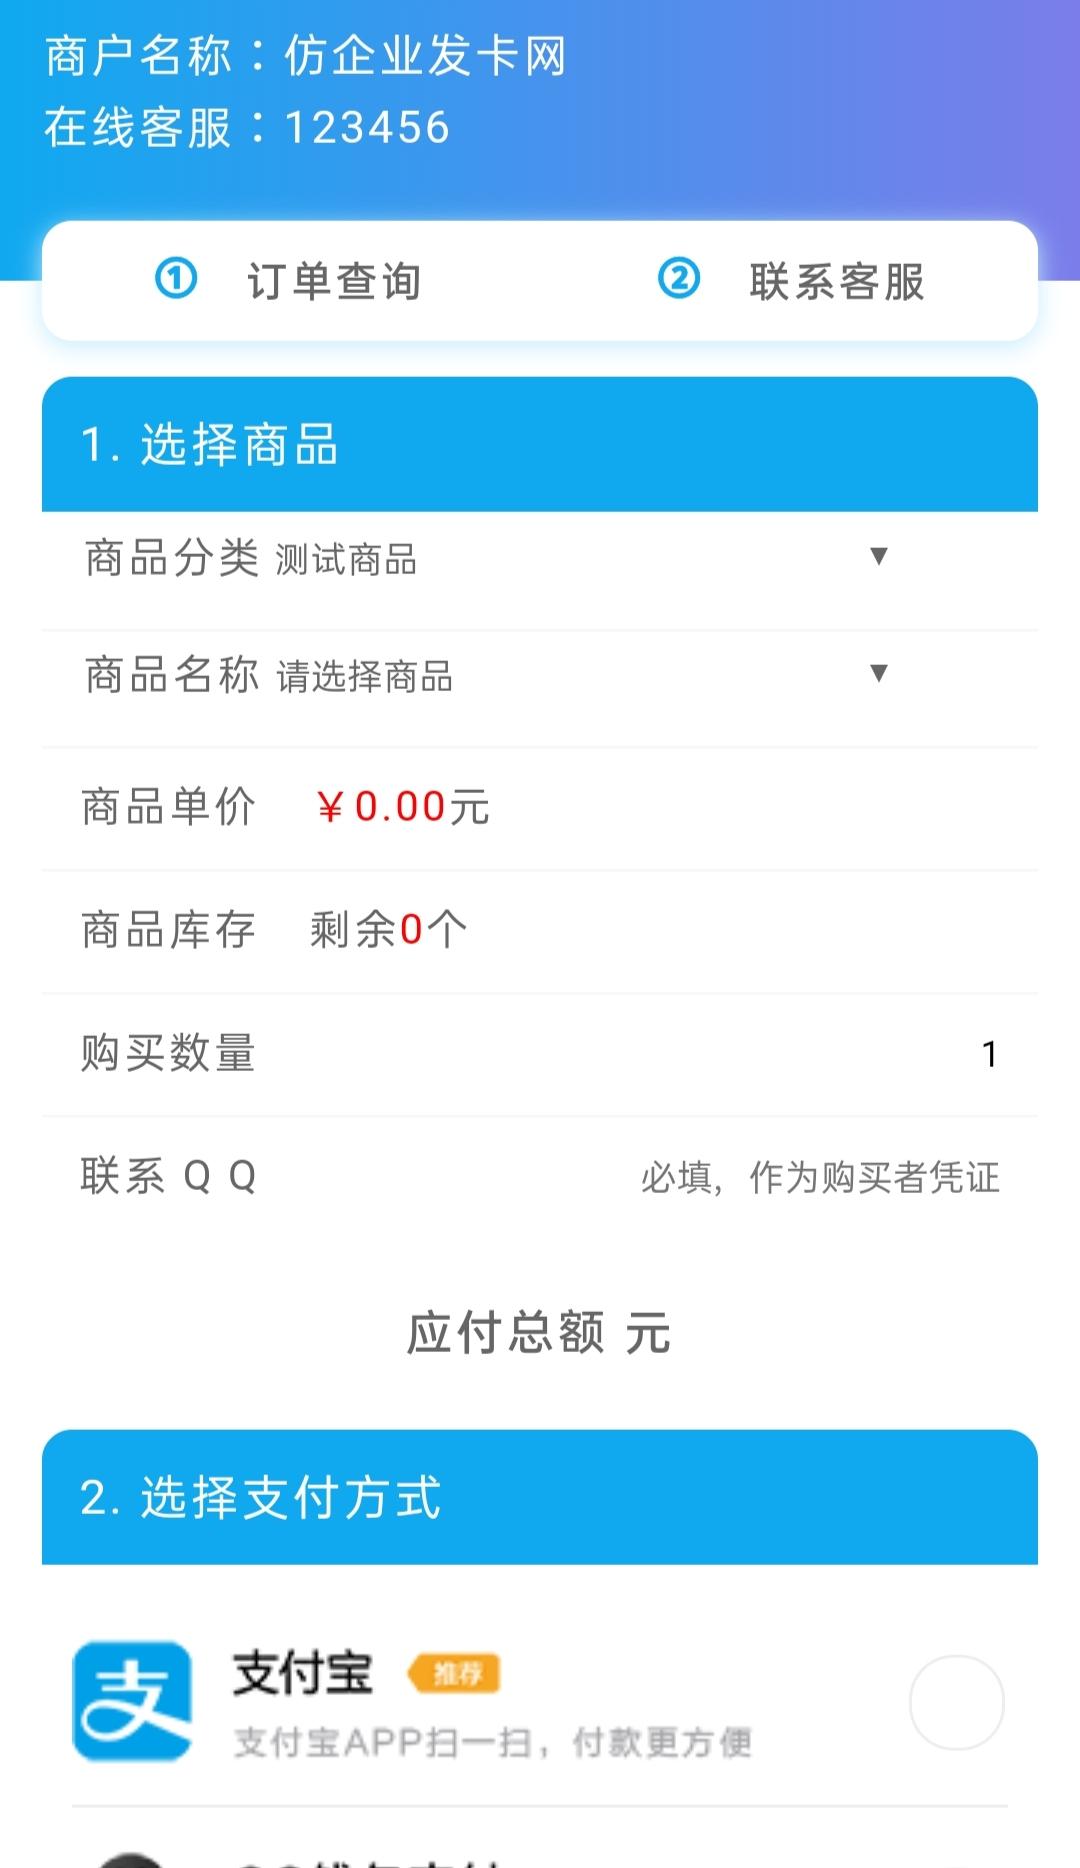 天天发卡网自动发货源码